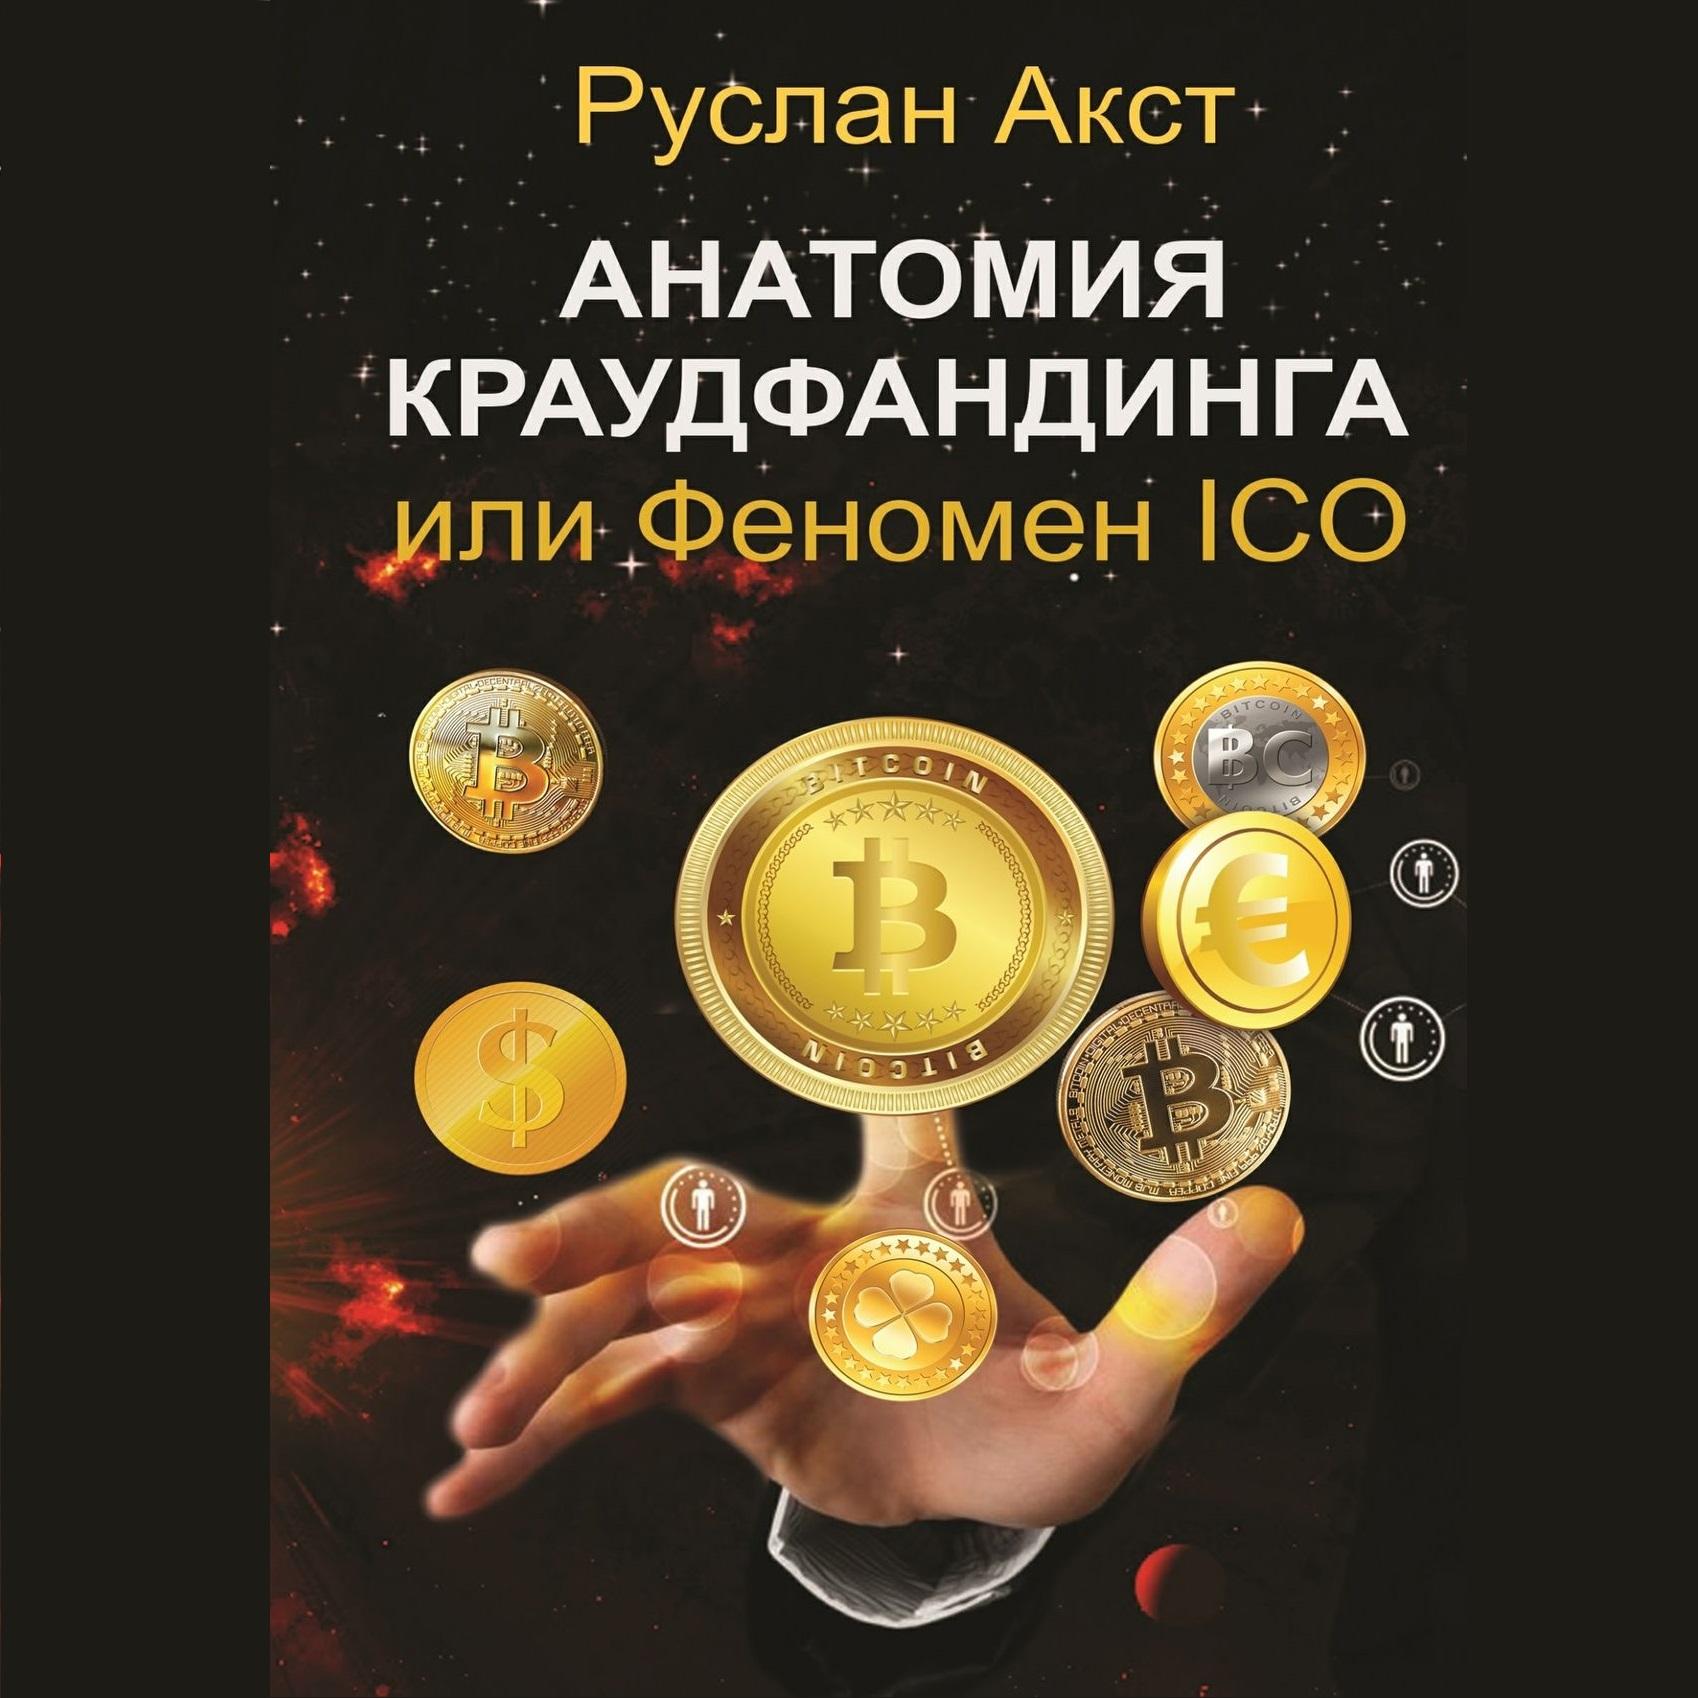 Руслан Акст Анатомия краудфандинга. или Феномен ICO зомфри блог глава 5